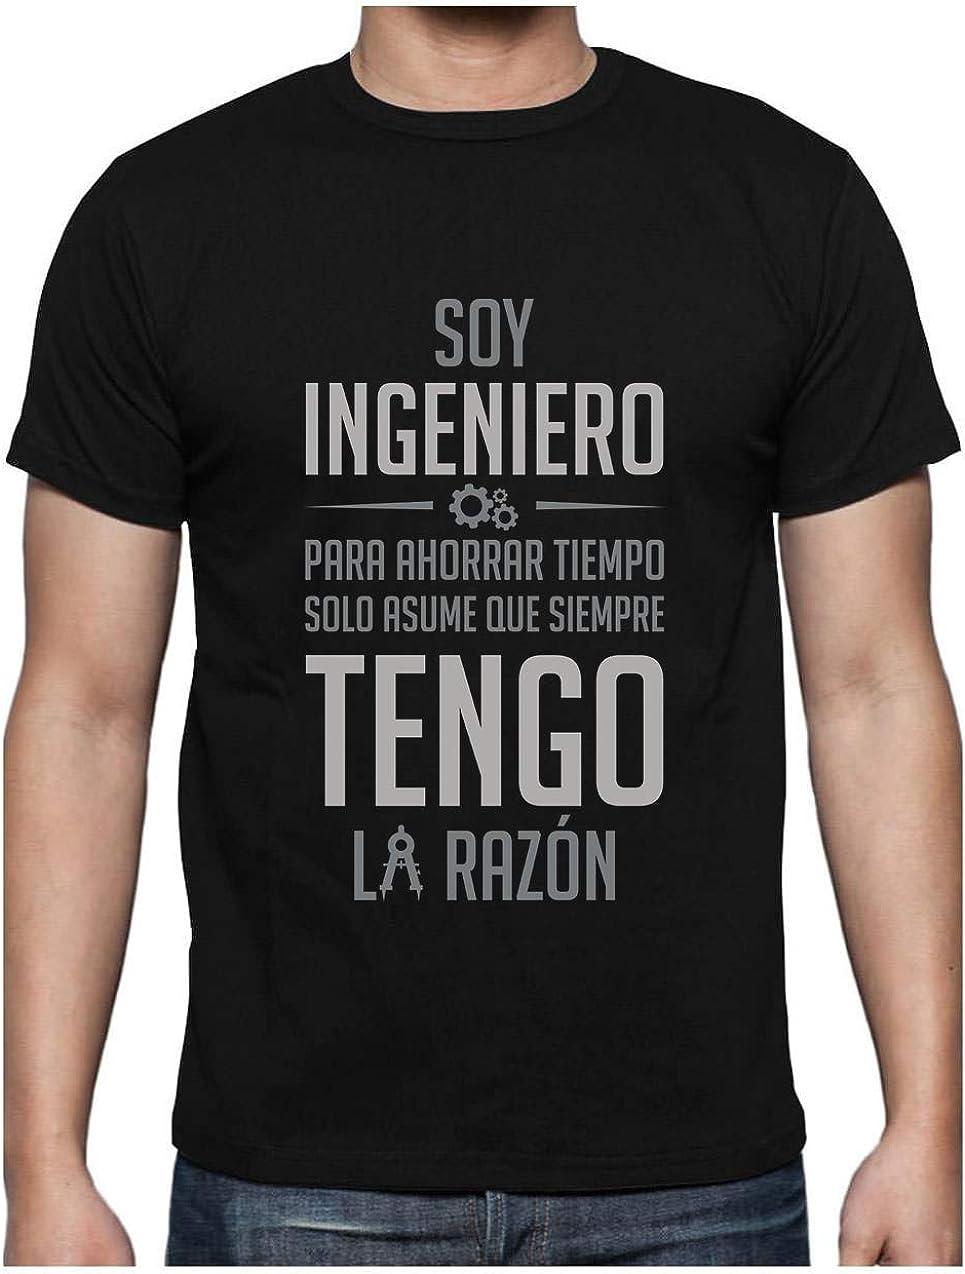 Green Turtle T-Shirts Camiseta para Hombre - Regalos para Ingenieros - Soy Ingeniero Asume Que Siempre Tengo la Razón